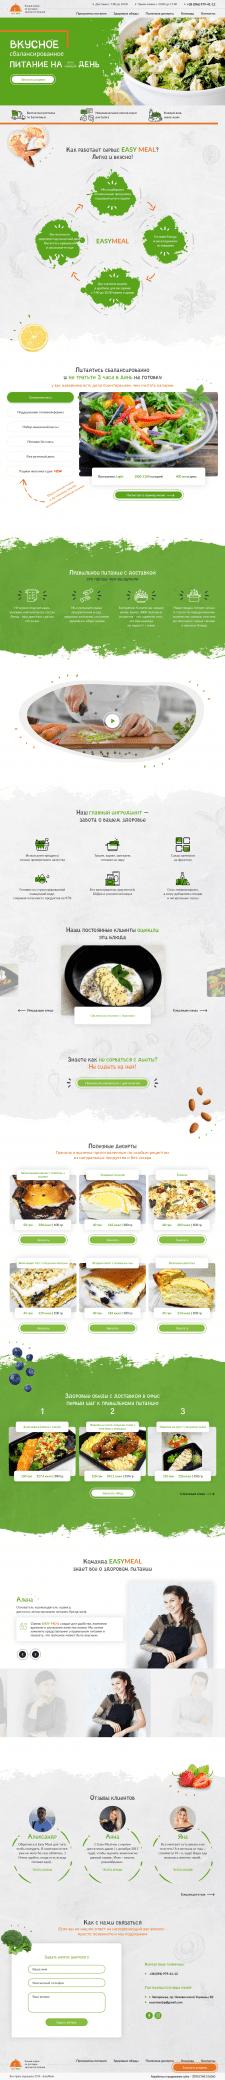 Сайт для сервиса доставки здорового питания